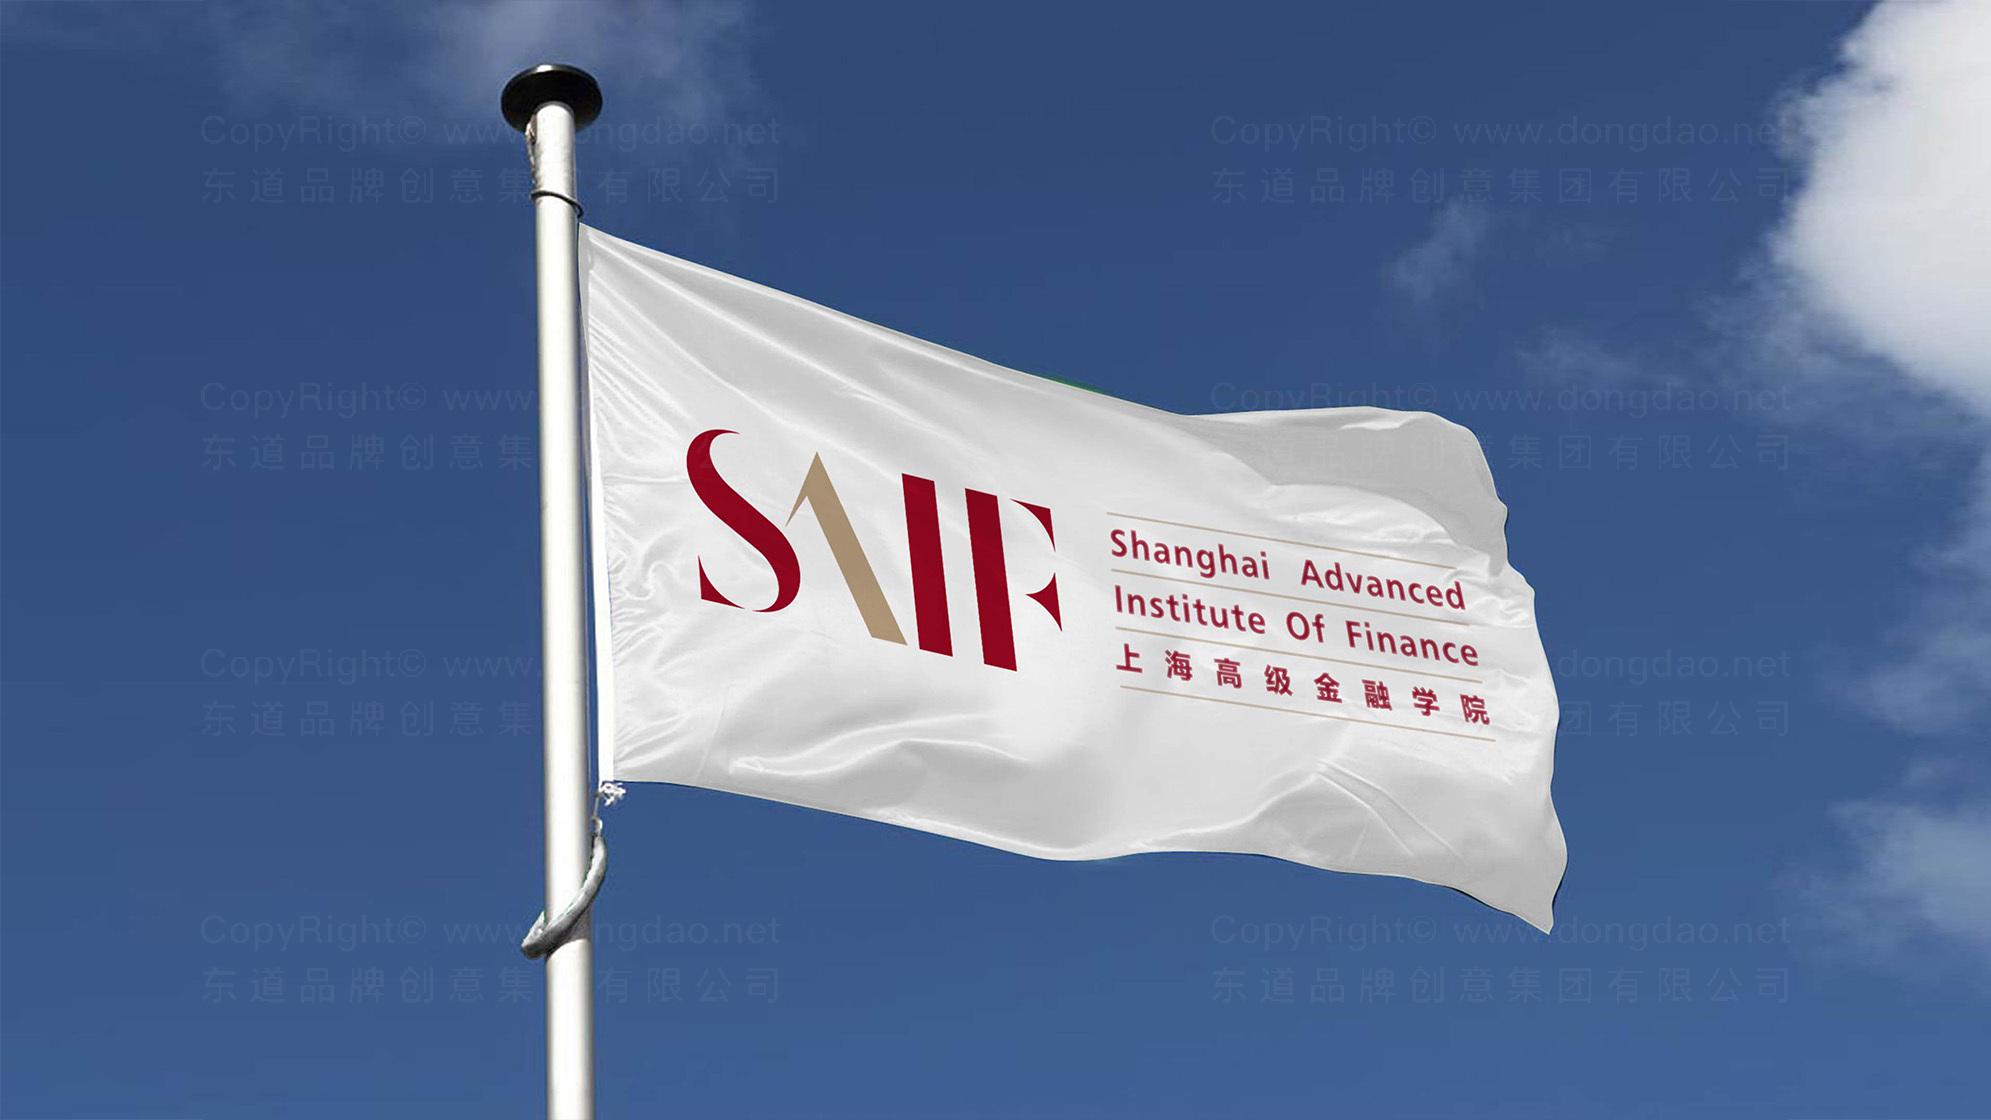 品牌设计上海高级金融学院logo设计、vi设计应用场景_2